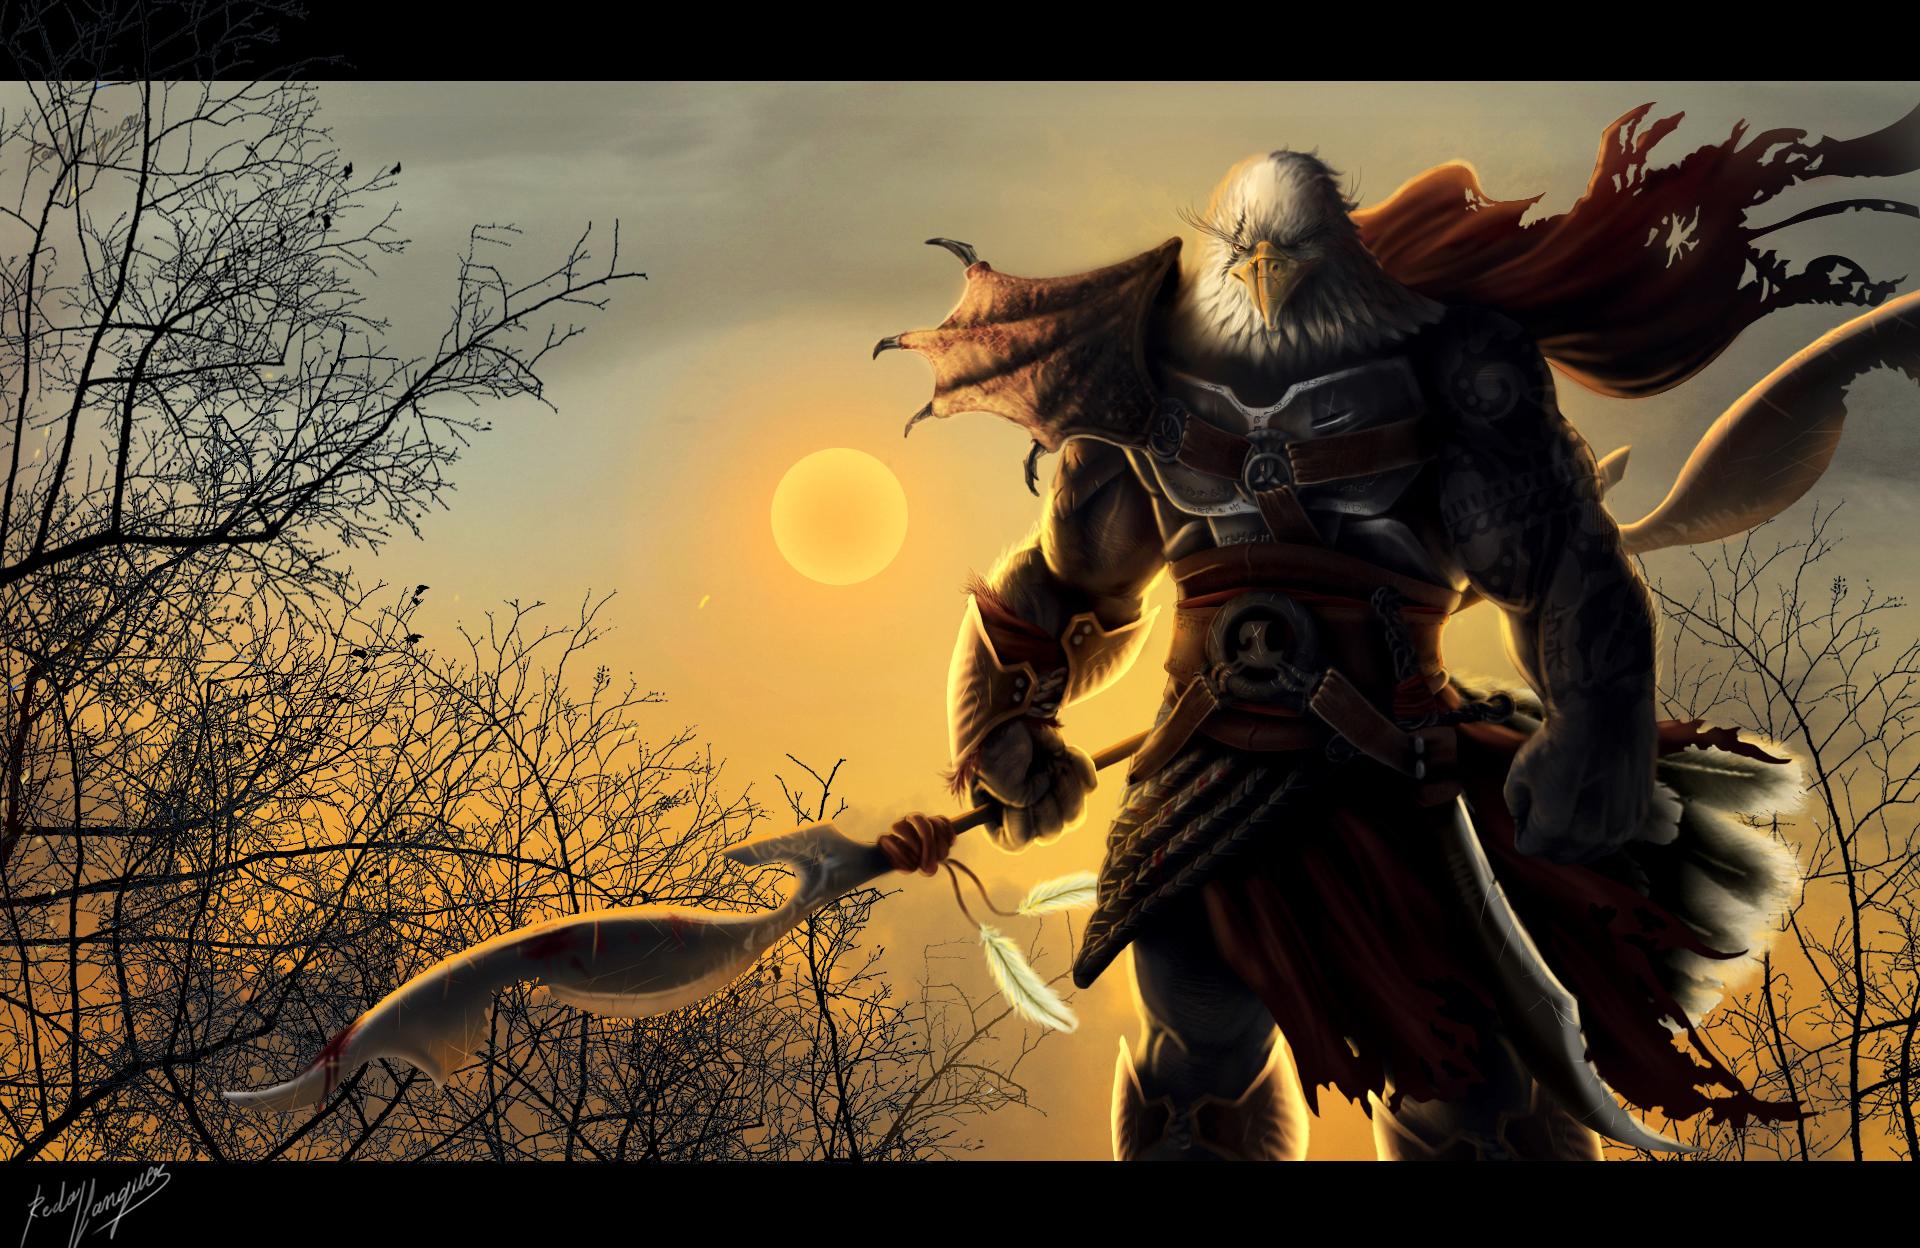 Eagle Warrior by IFANGUER on DeviantArt